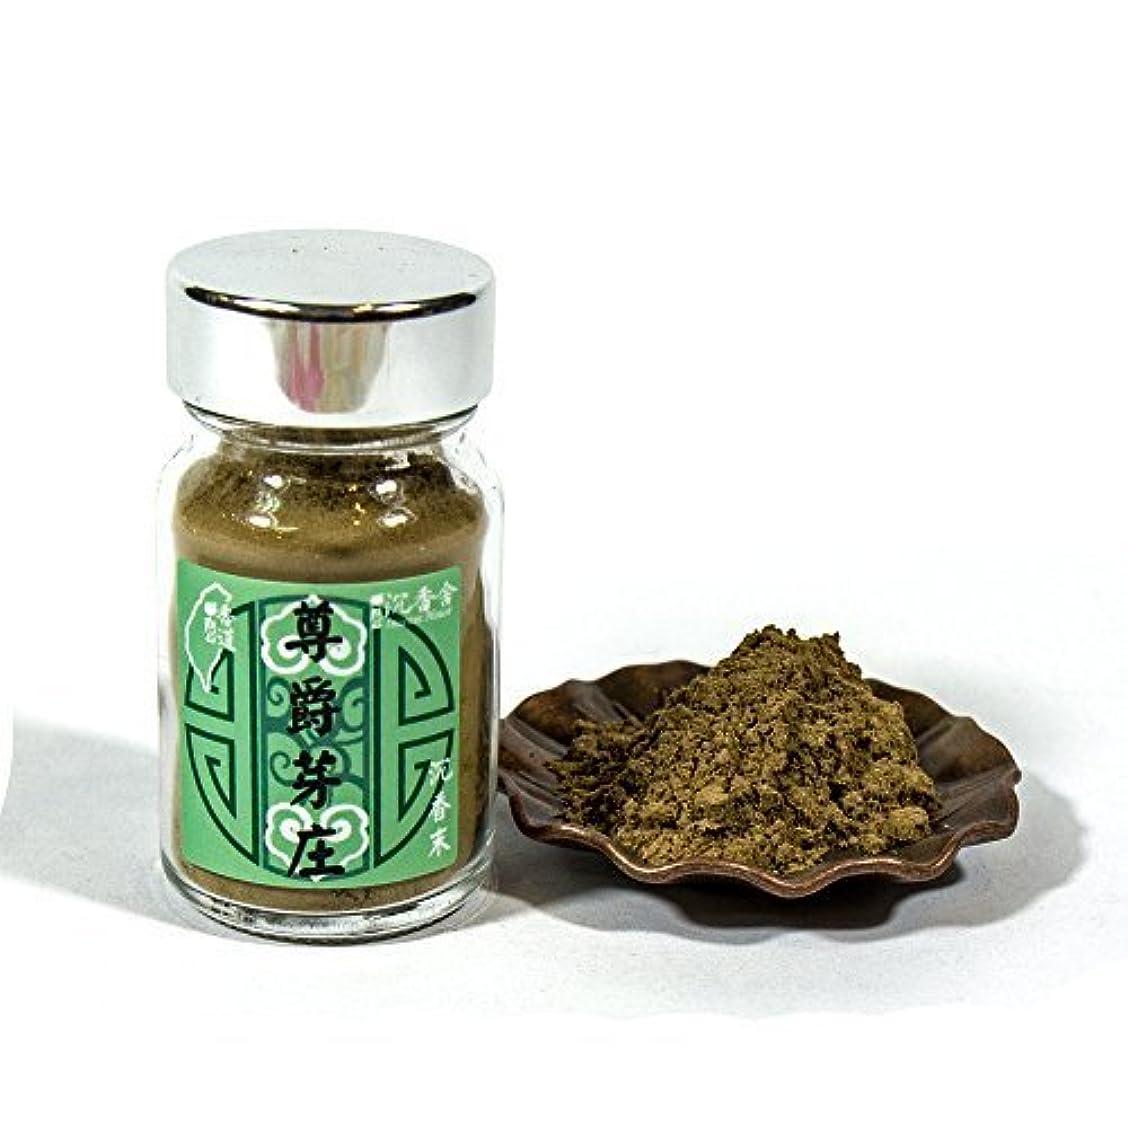 タイプリークウォーターフロントAgarwood Aloeswood Top Grade Old Stock NhaTrang Chen Xiang Incense Powder 10g by IncenseHouse - Raw Material [...